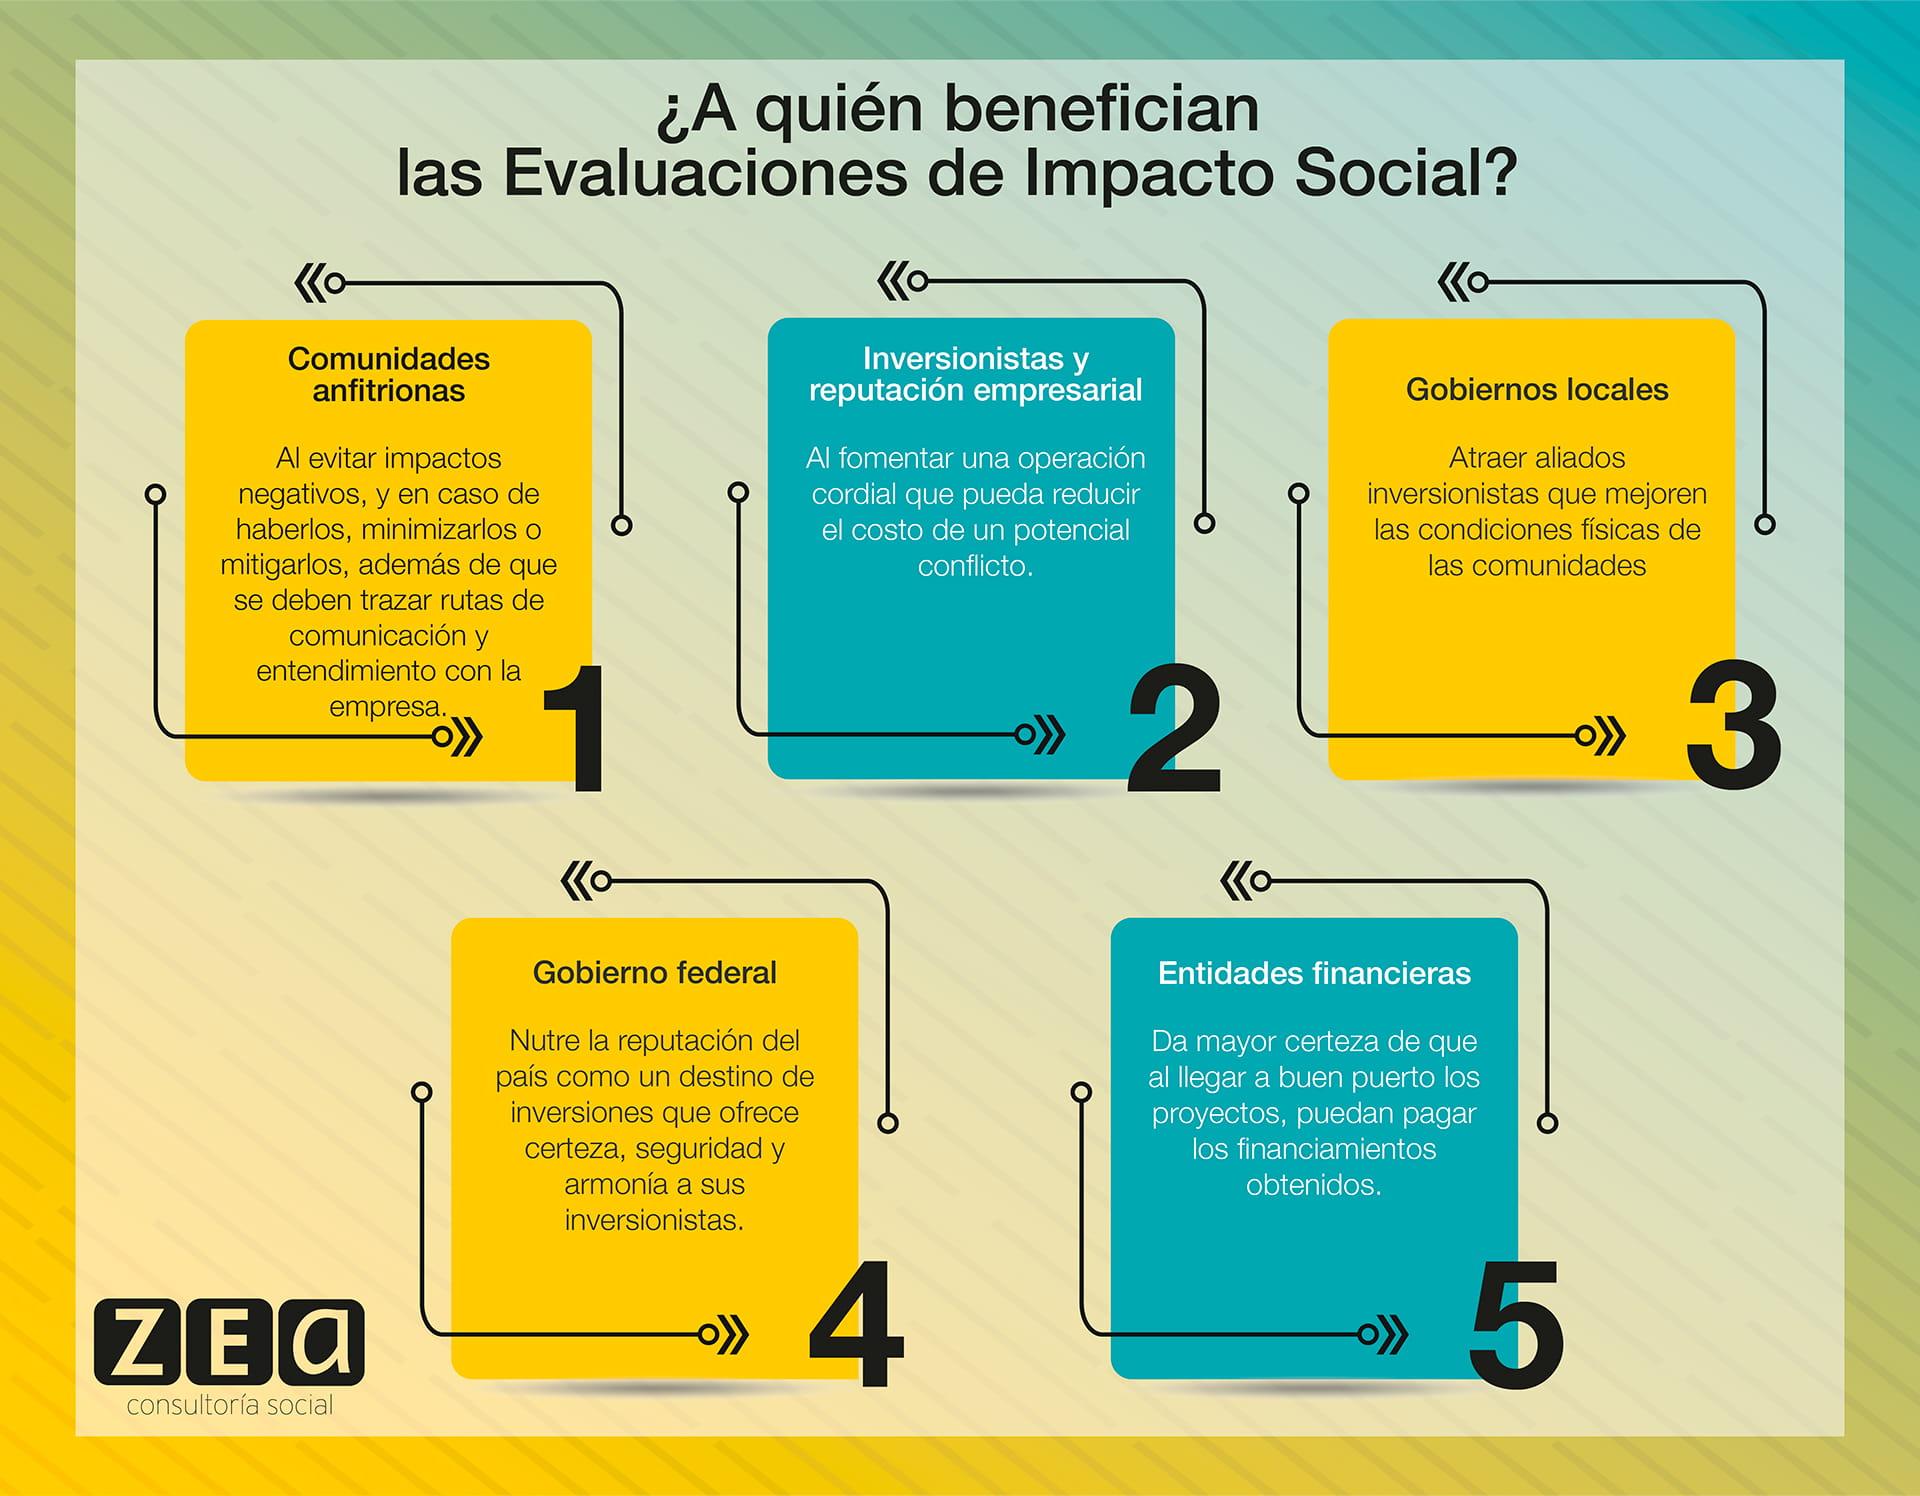 Evaluaciones de impacto social